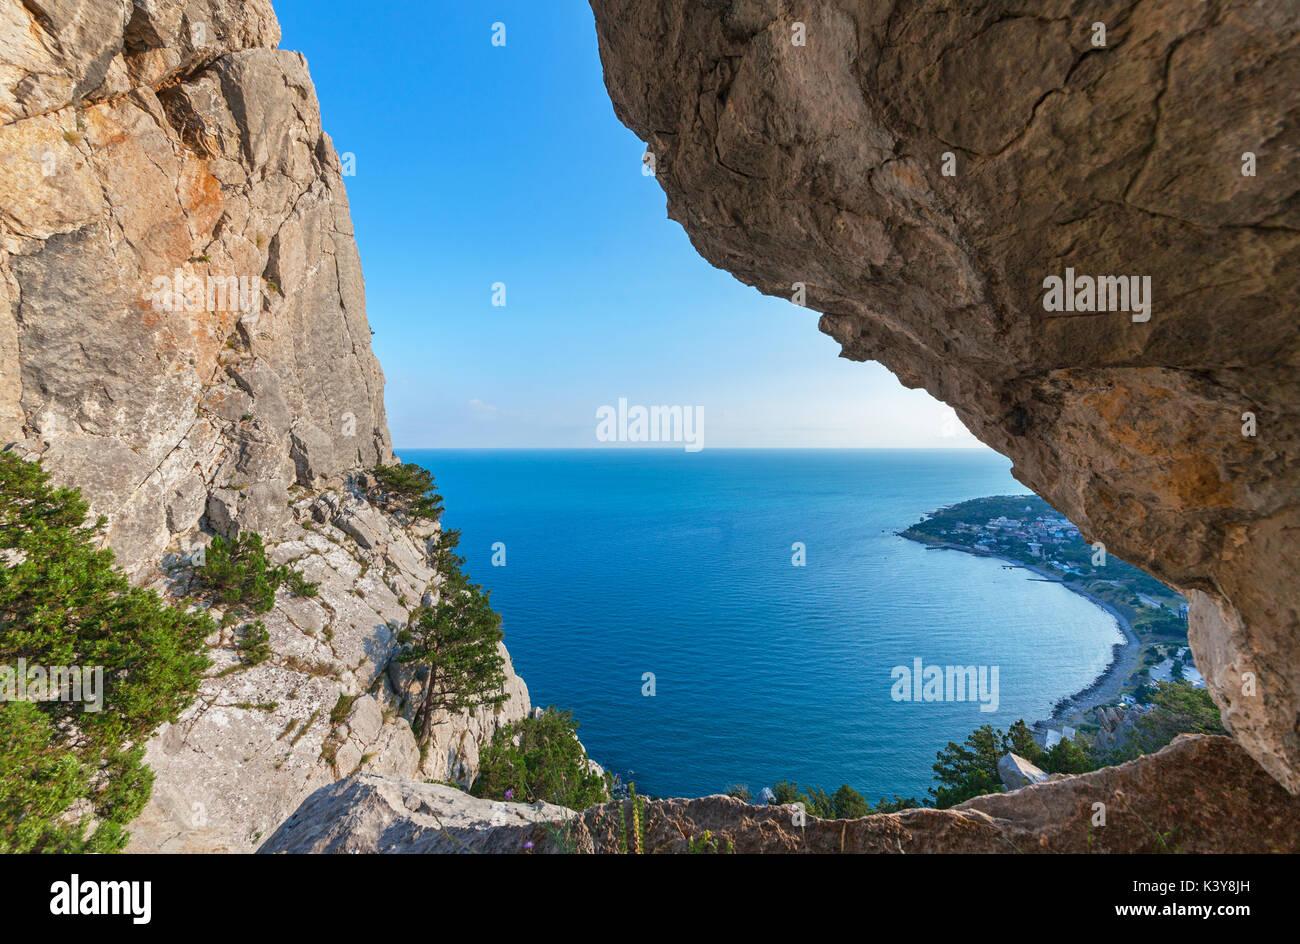 Die Aussicht aufs Meer und auf die Küste durch eine große Kluft in den Felsen. Die Berge der Krim Stockbild